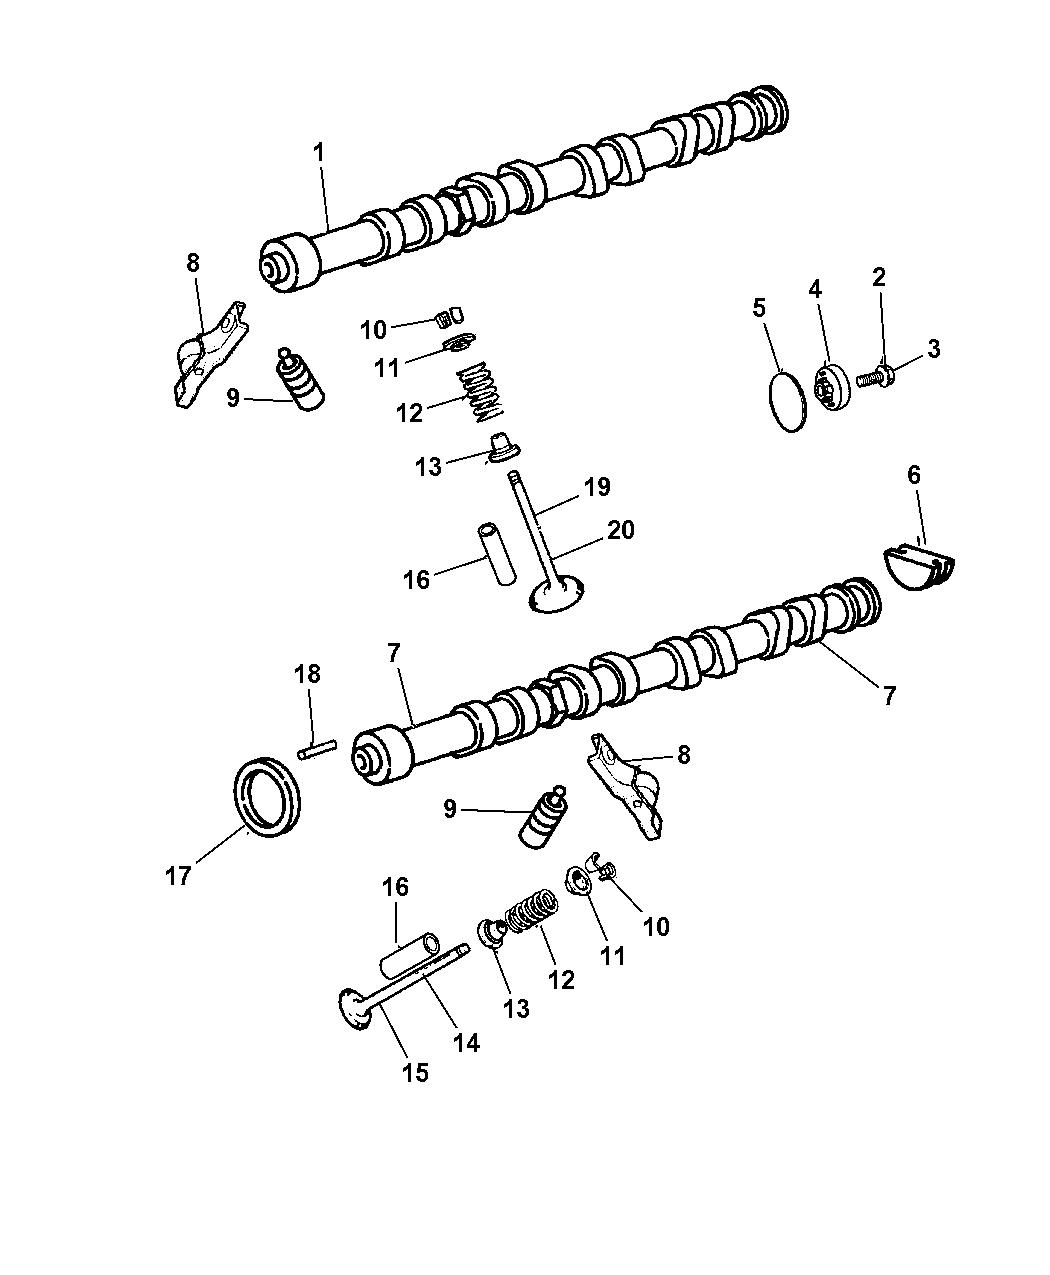 2007 Dodge Grand Caravan Engine Diagram - Cars Wiring Diagram